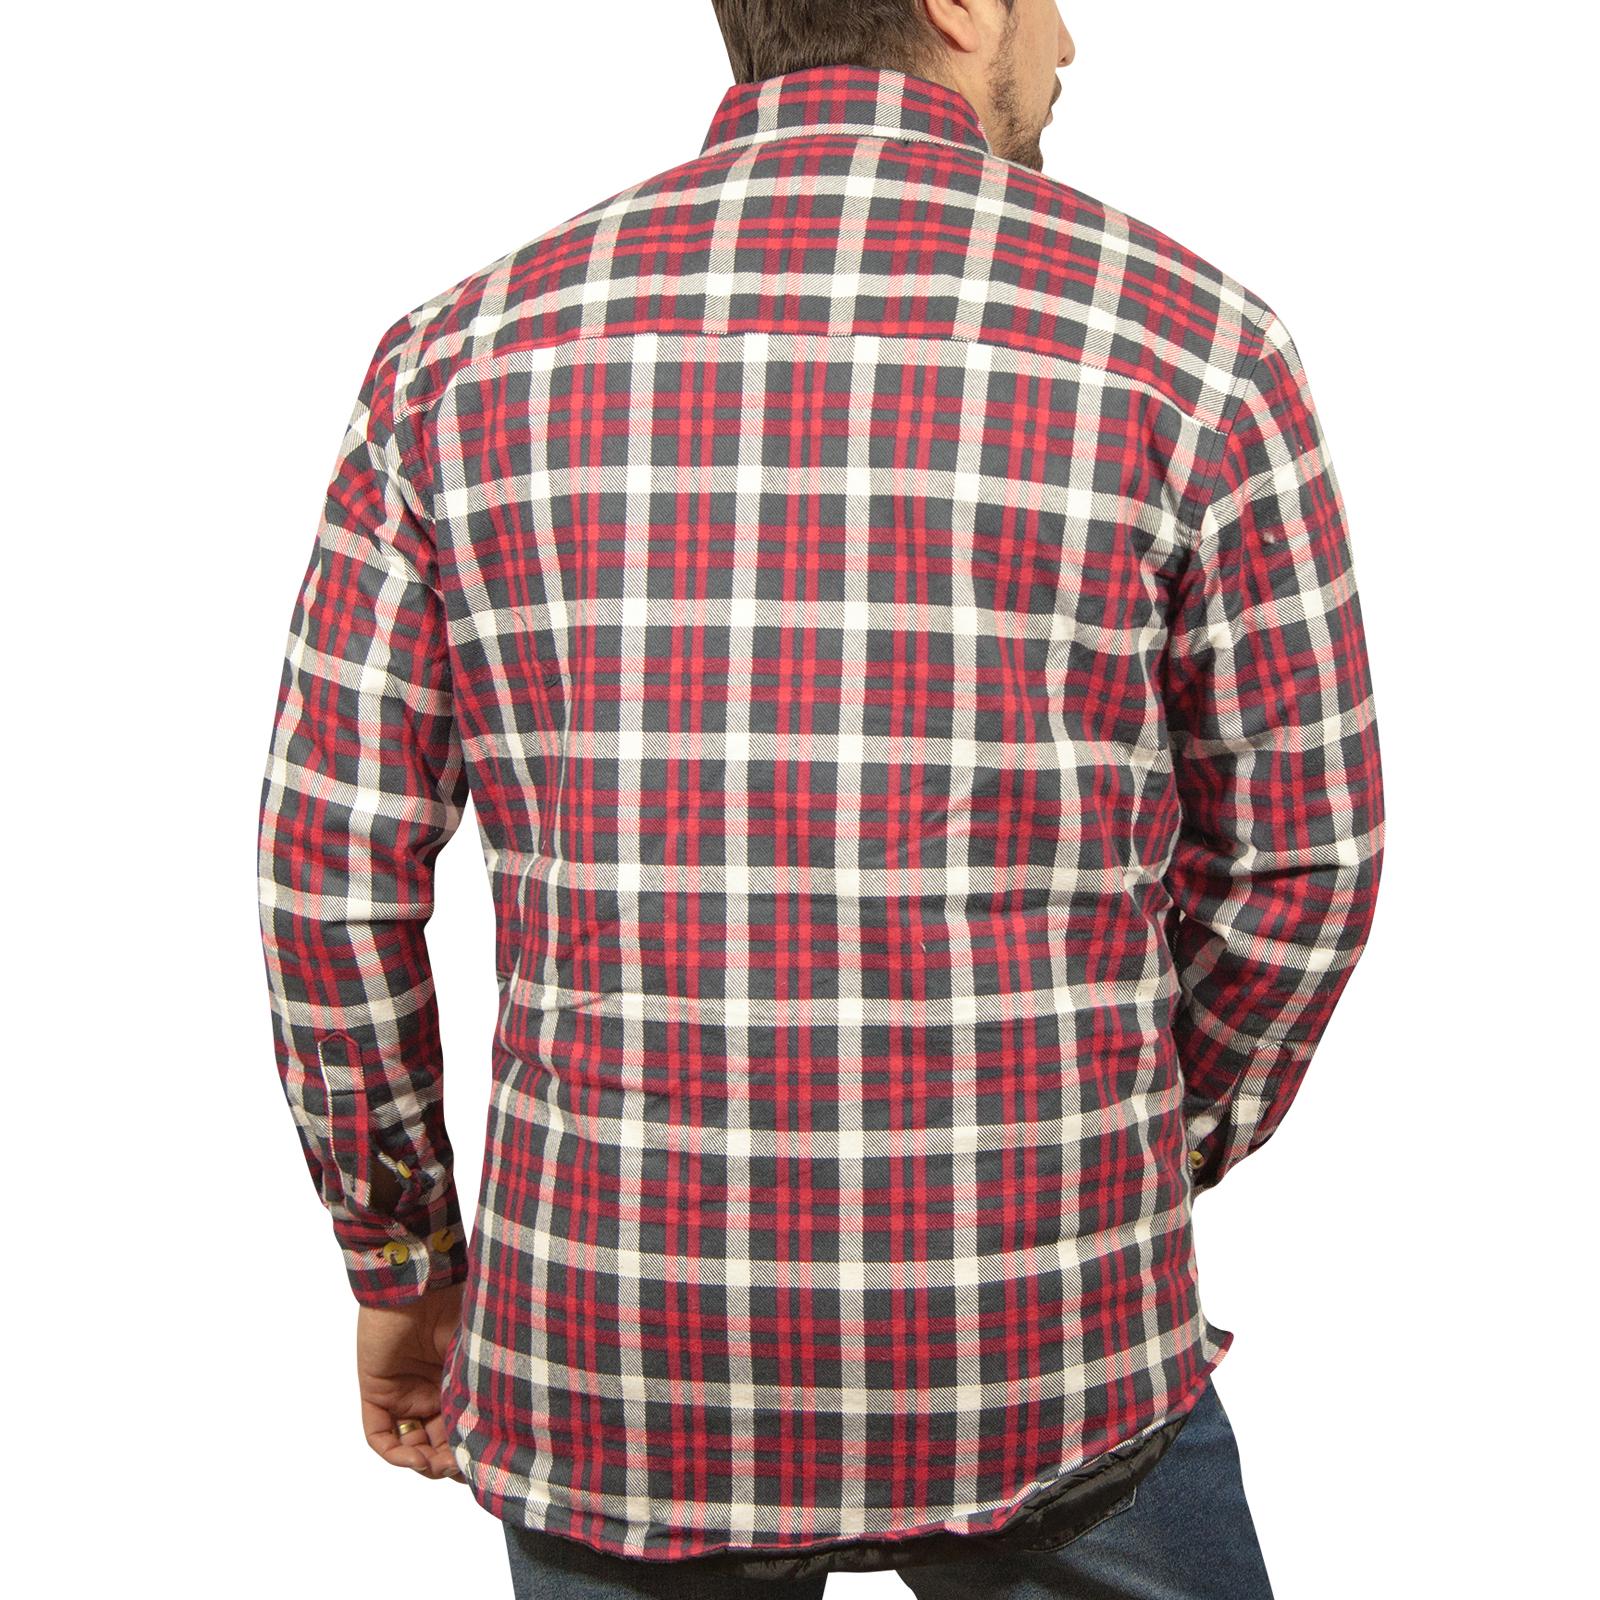 Chaqueta-Acolchada-flanelita-Camisa-Hombre-100-algodon-acolchado-caliente-de-invierno-franela miniatura 45